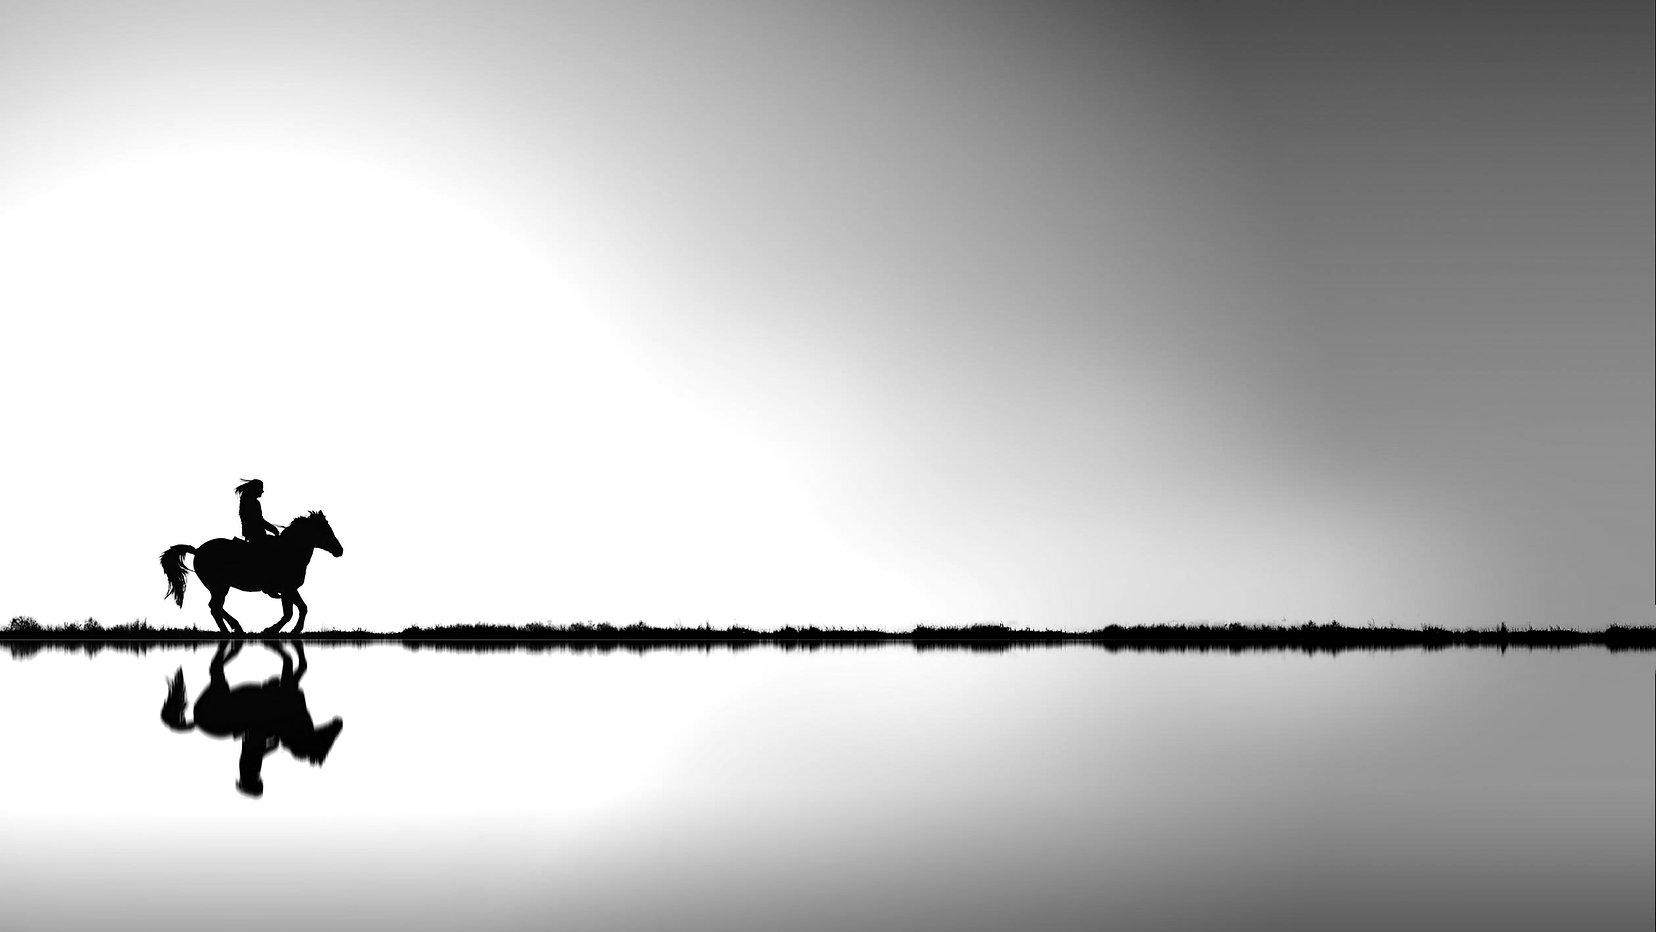 pexels-photo-1125774_edited.jpg